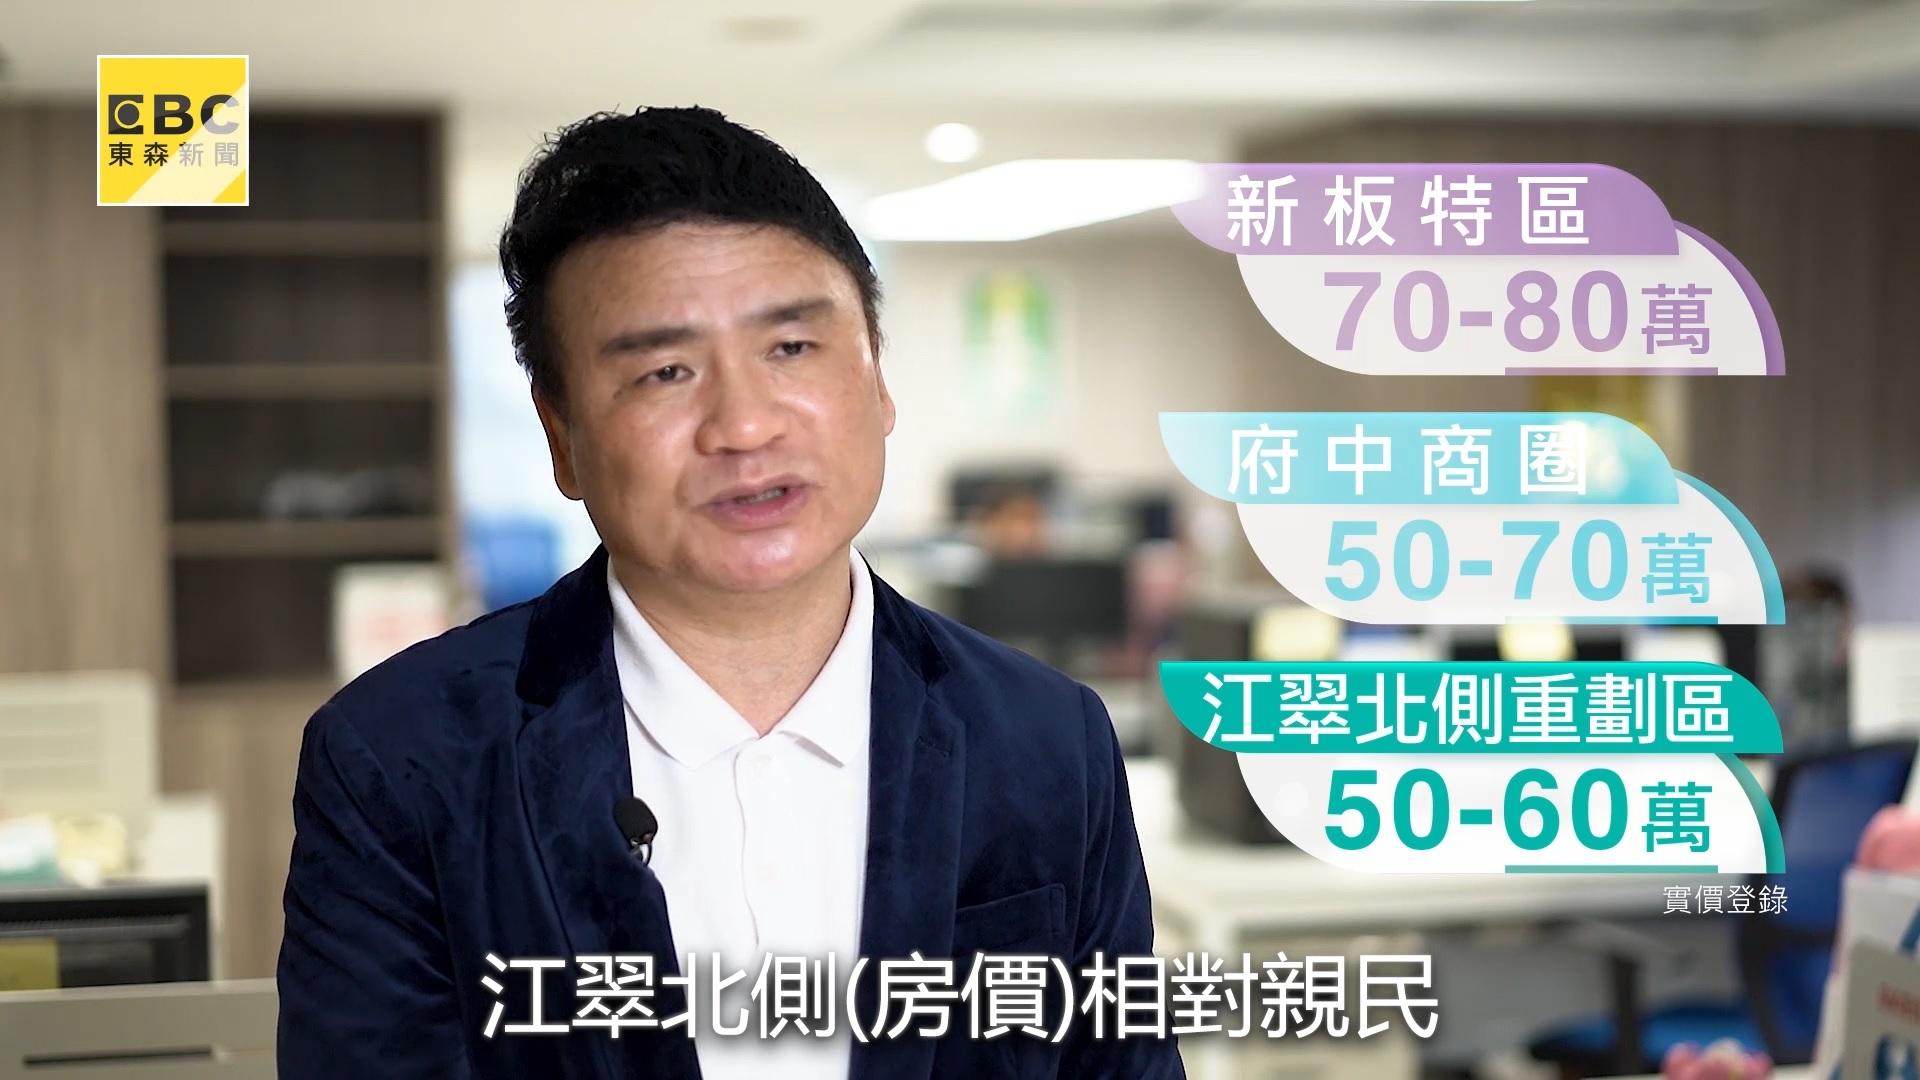 陳高超認為435藝文特區為AB區帶來獨特性,且具有房價優勢